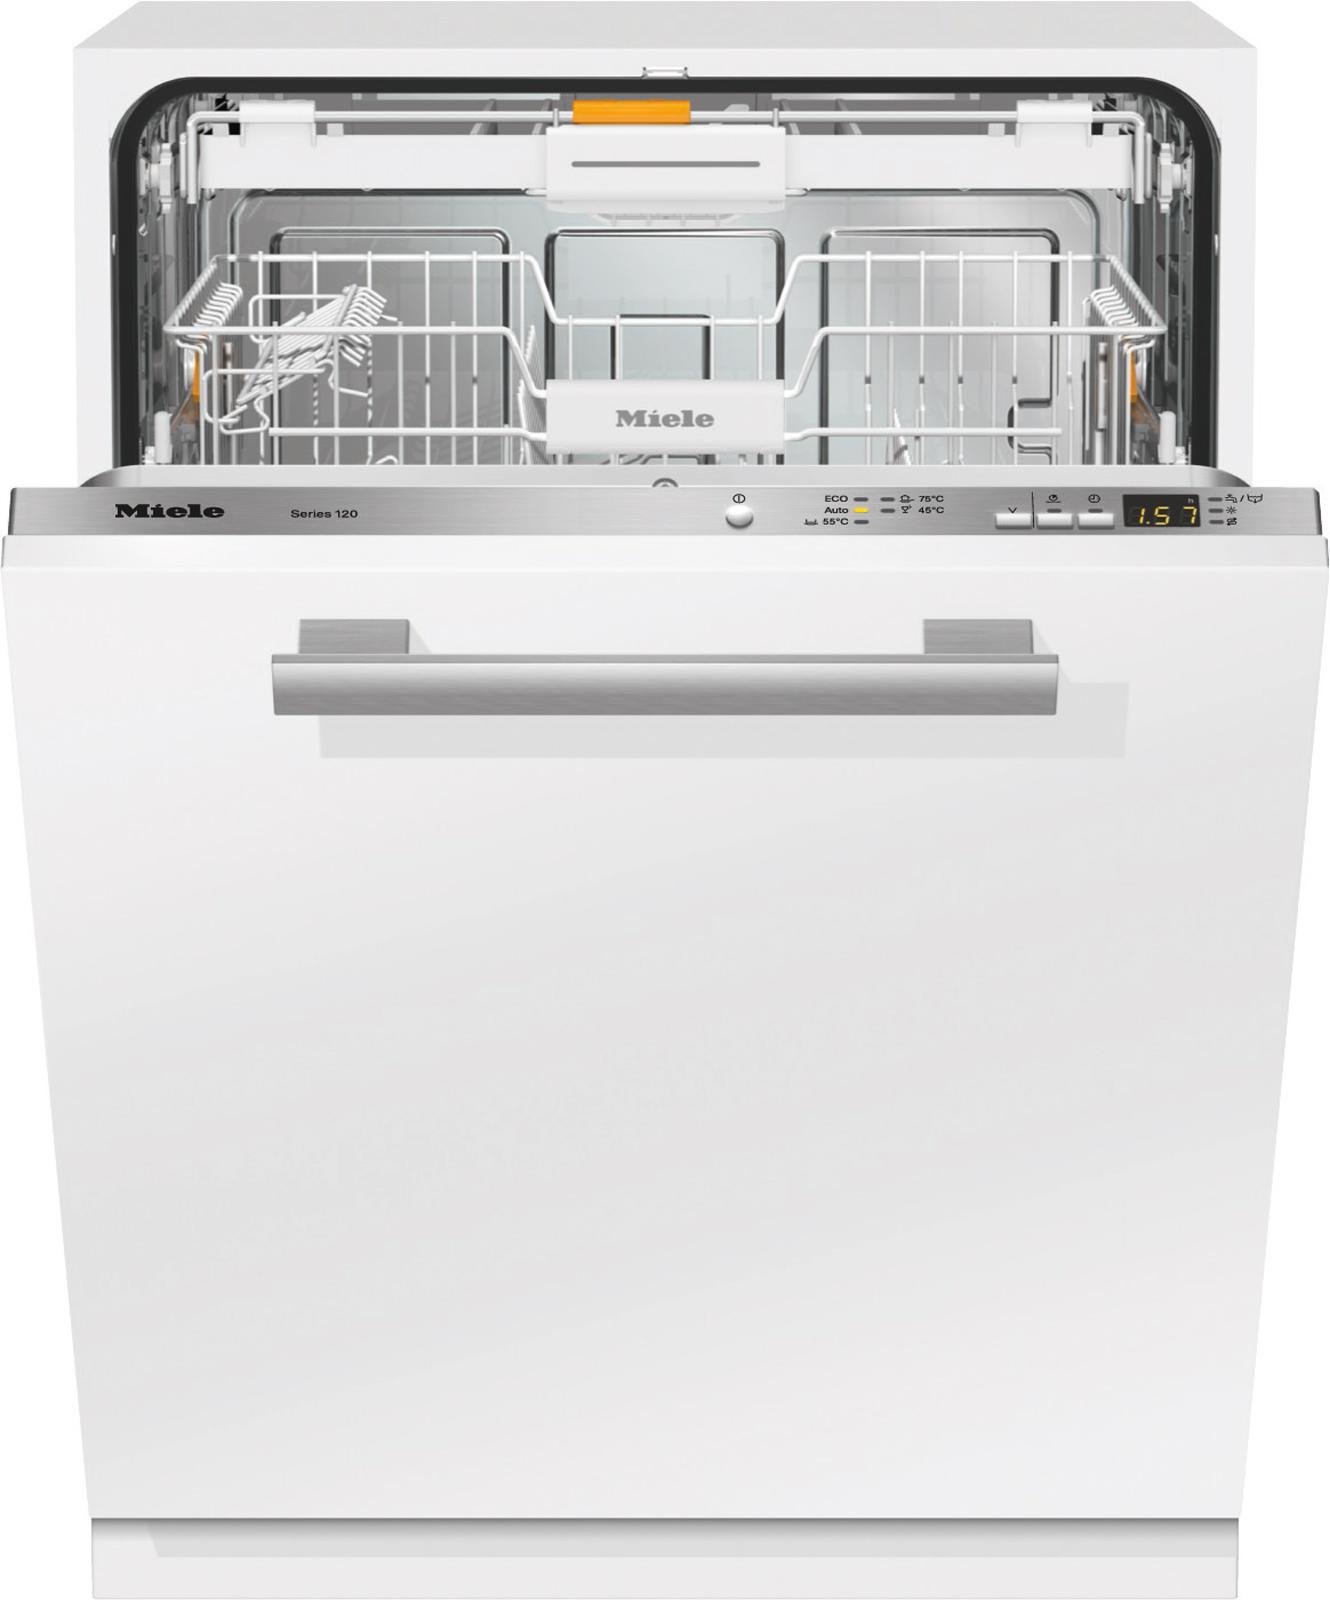 Miele vaatwasser (inbouw) G 4982 SC VI - Prijsvergelijk